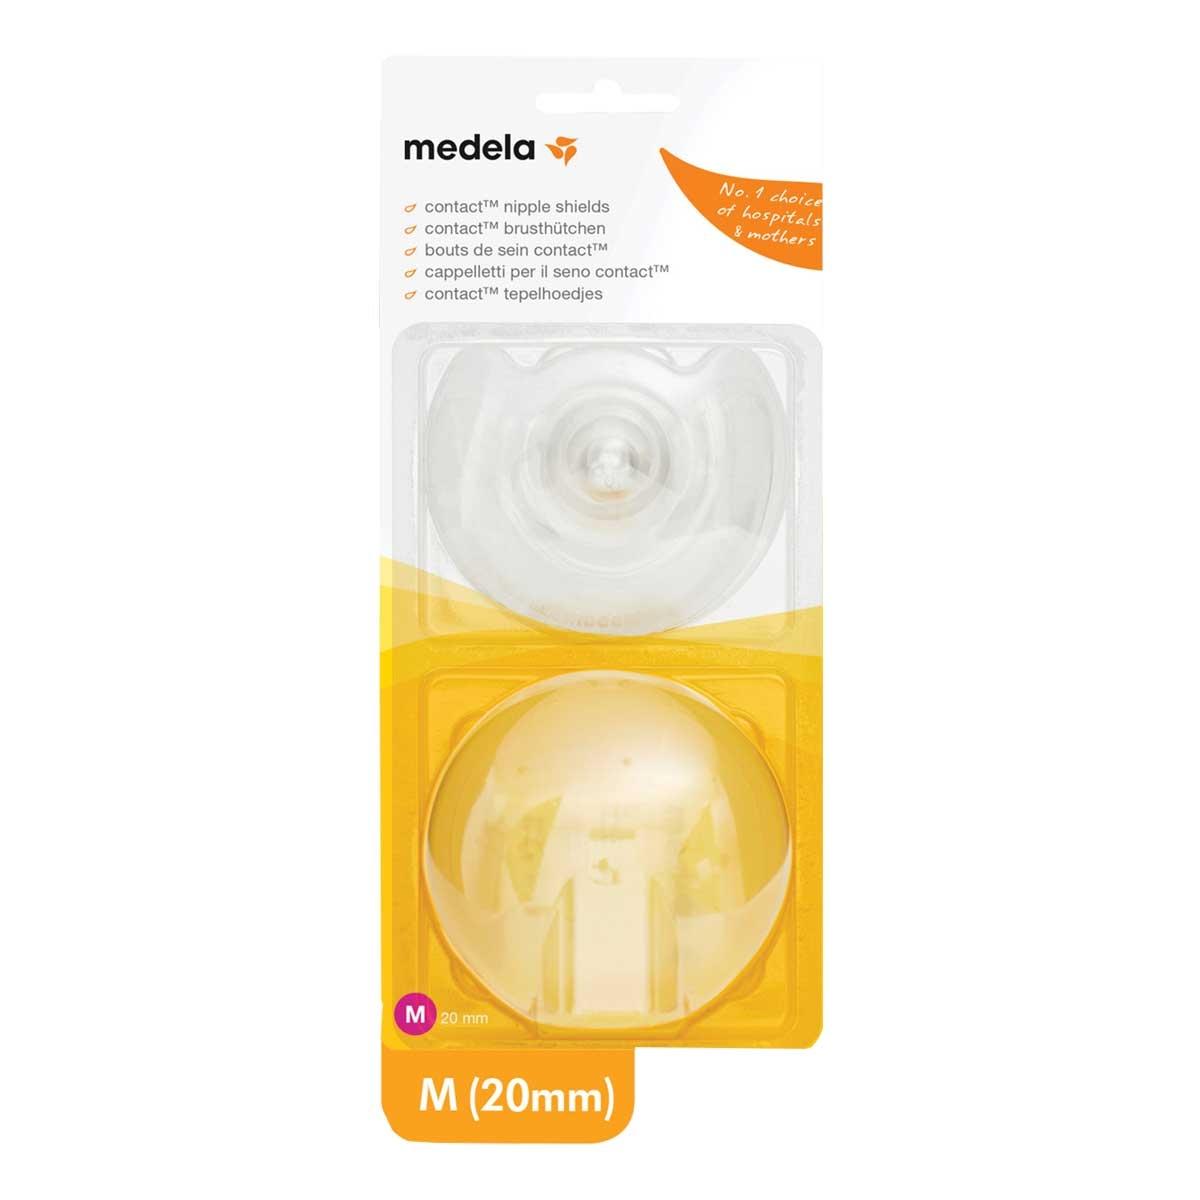 Protetor de Mamilo de Silicone Medela M 20mm 2 Unidades 2 Unidades